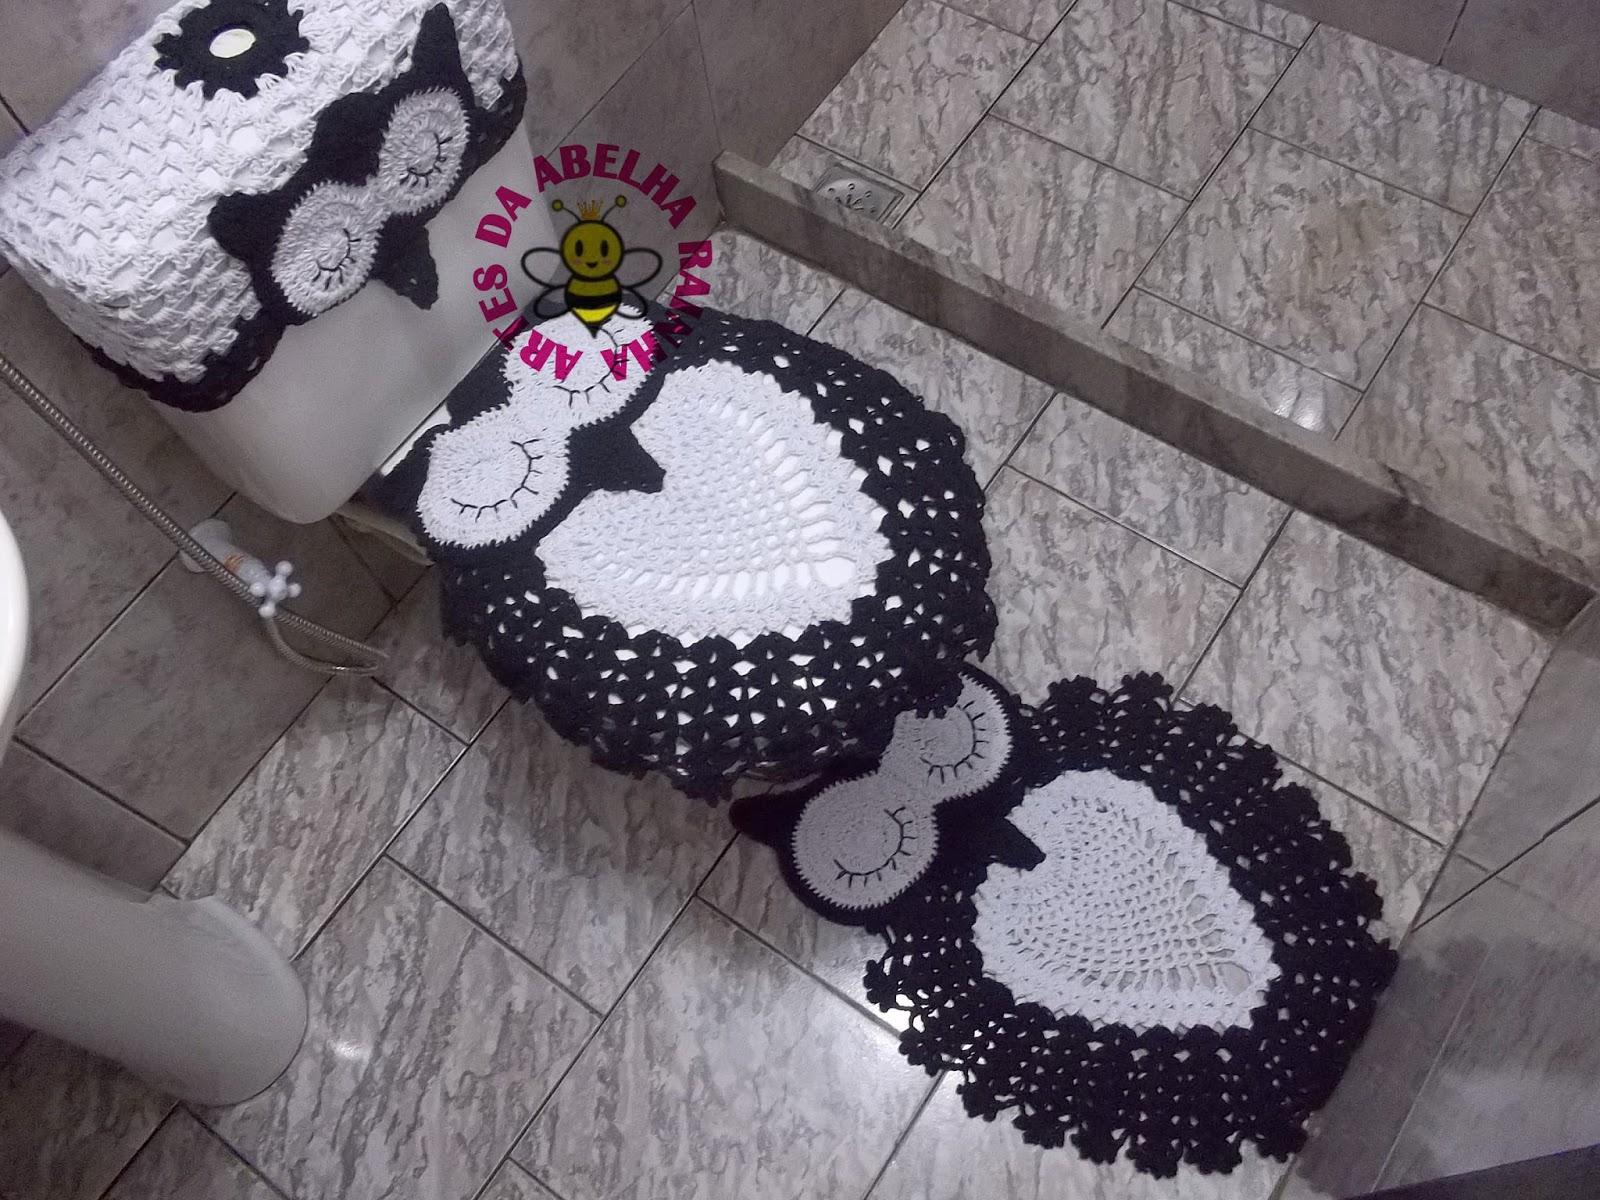 Imagens de #645C1F  da Abelha Rainha: Jogo de banheiro corujas dorminhocas preto e branco 1600x1200 px 2718 Box Banheiro Preto E Branco